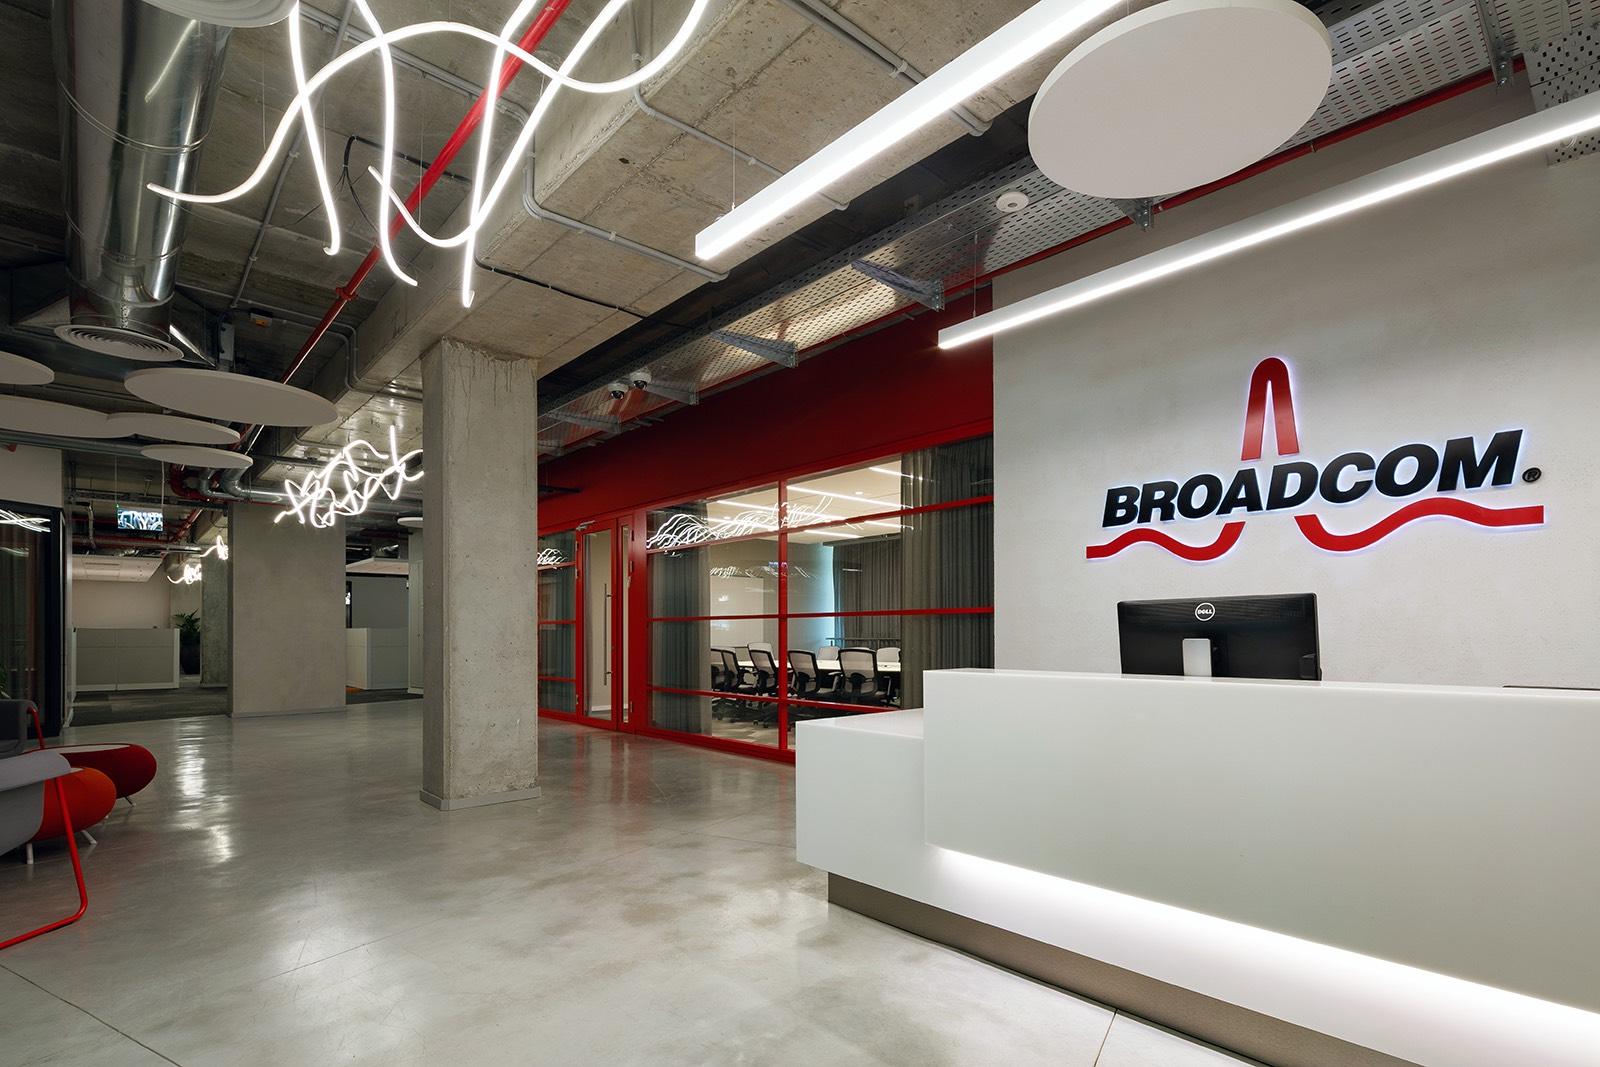 A Look Inside Broadcom's New Yakum Office - Officelovin'